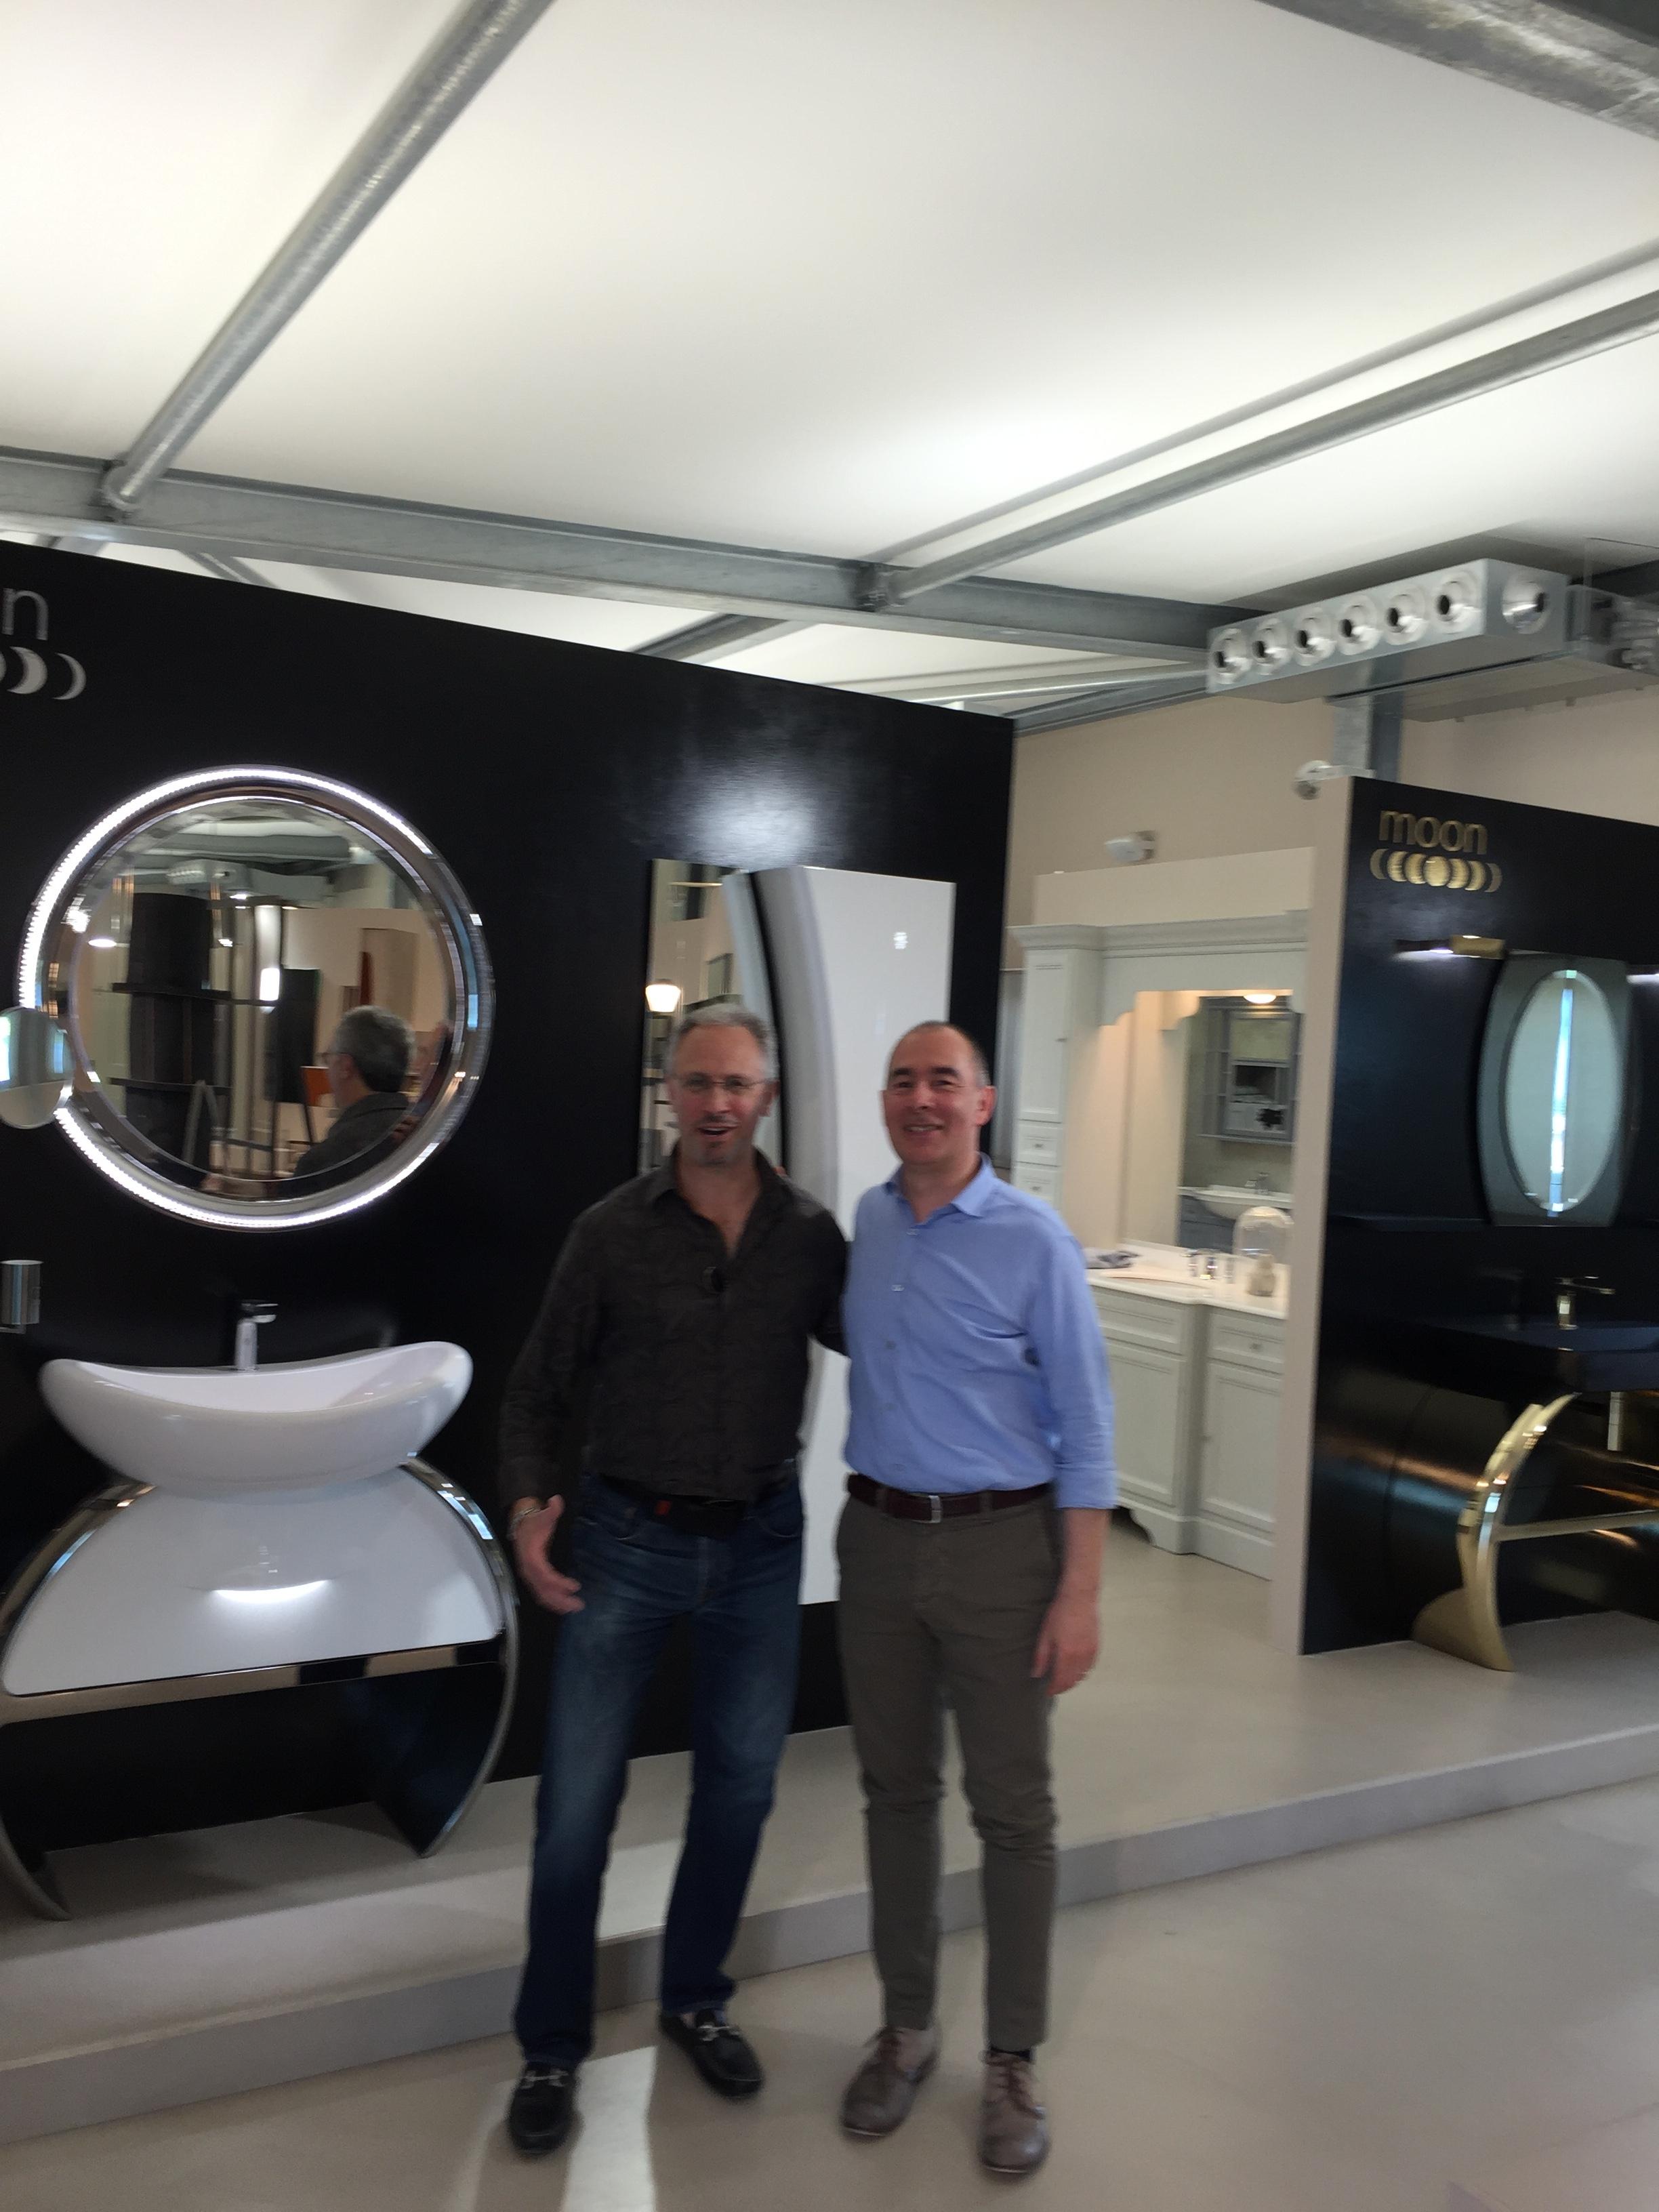 Rob Nusbaum, EuroAmerica Design with Guilio Botteon, Cerasa